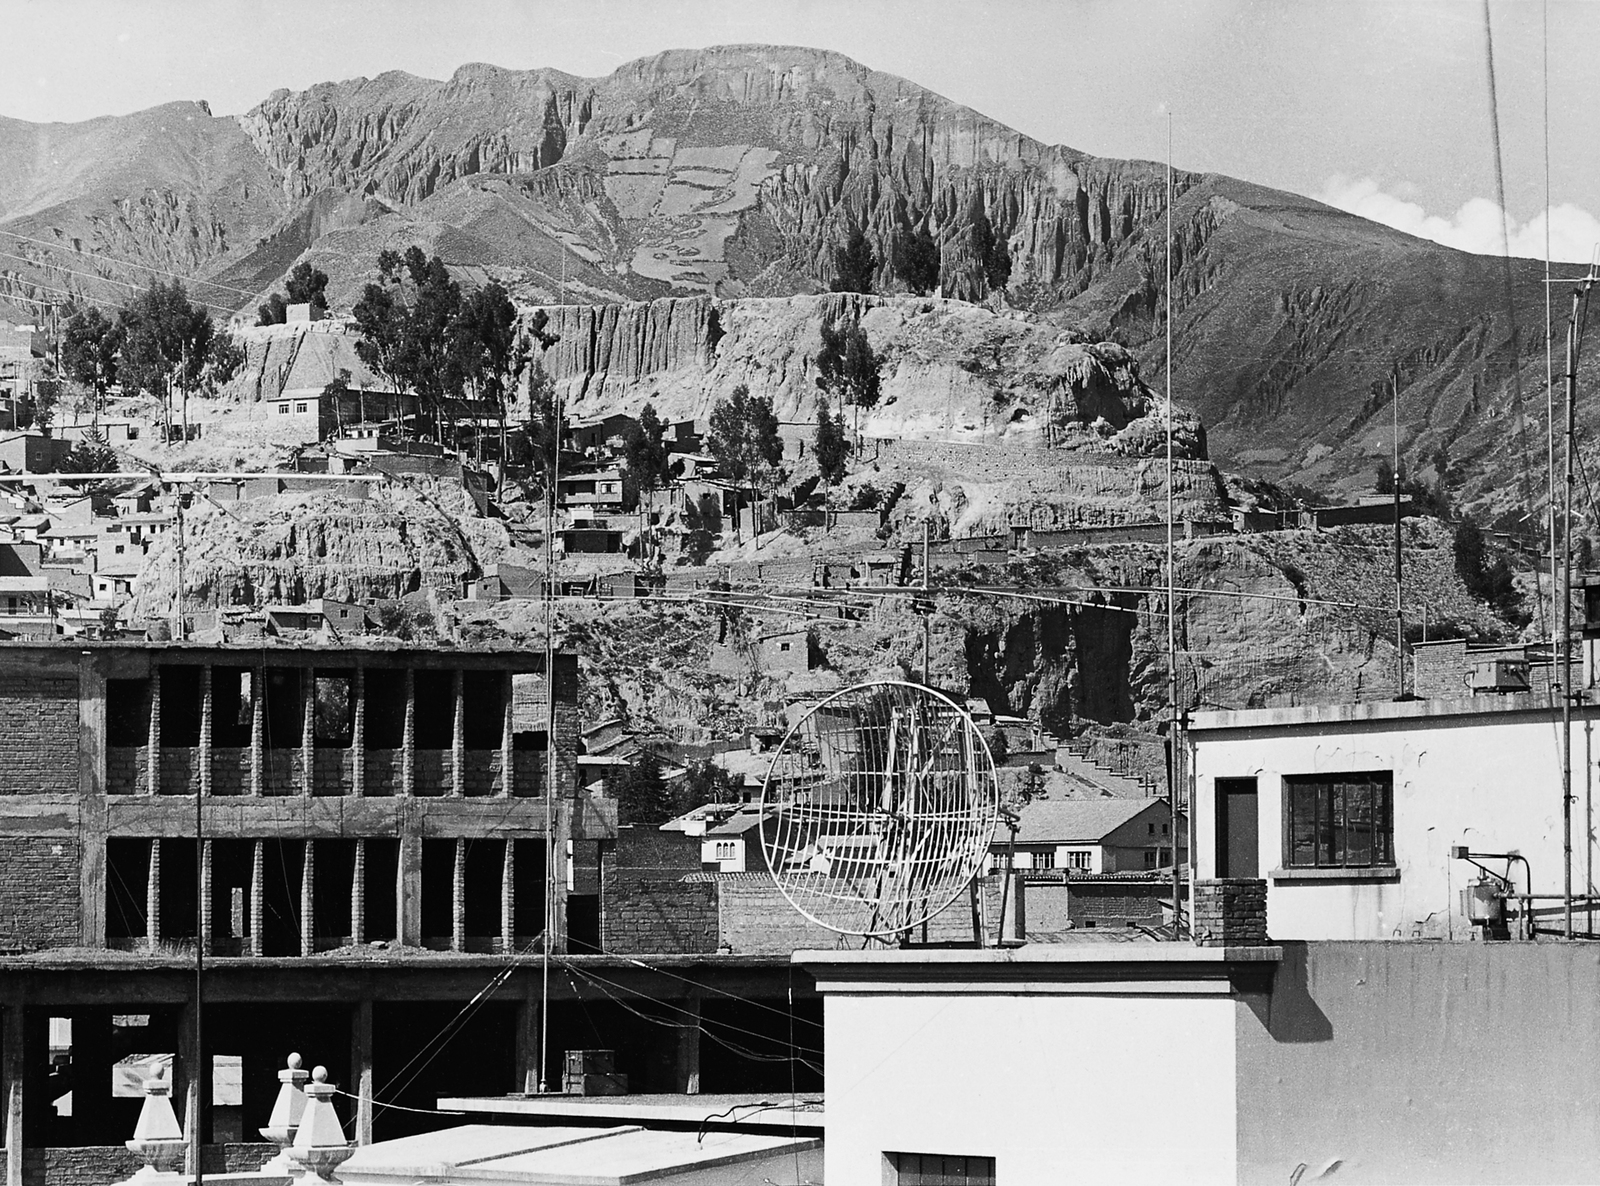 La Paz - Chancery Office Building - 1968